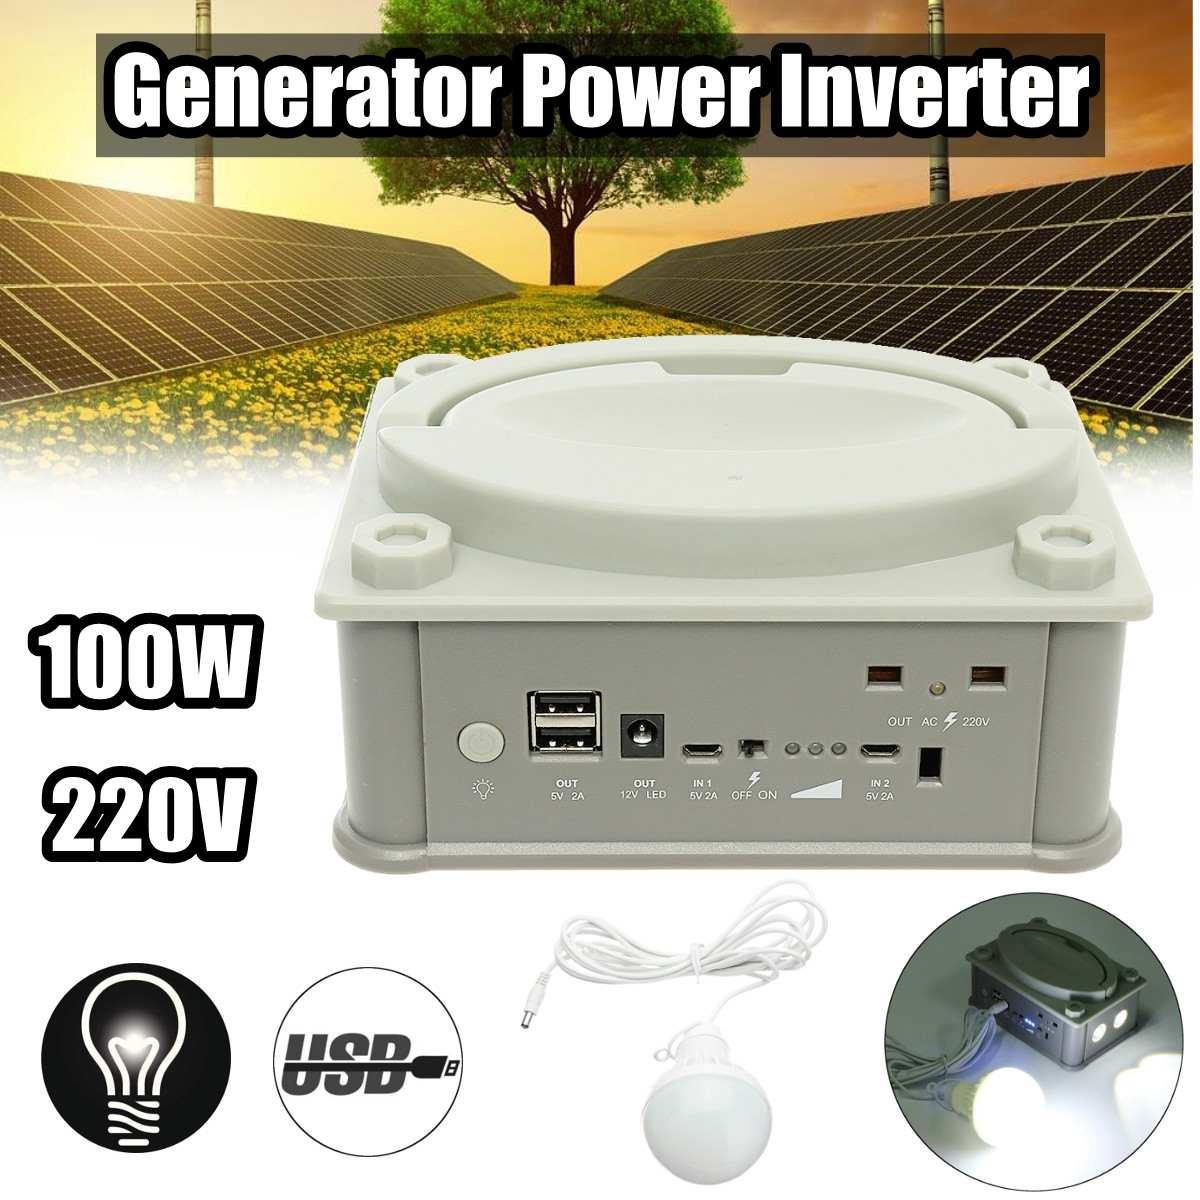 Multi function 100W Portable Generator Solar Power Inverter 220V LED Lighting Power Hybrid Energy Storage